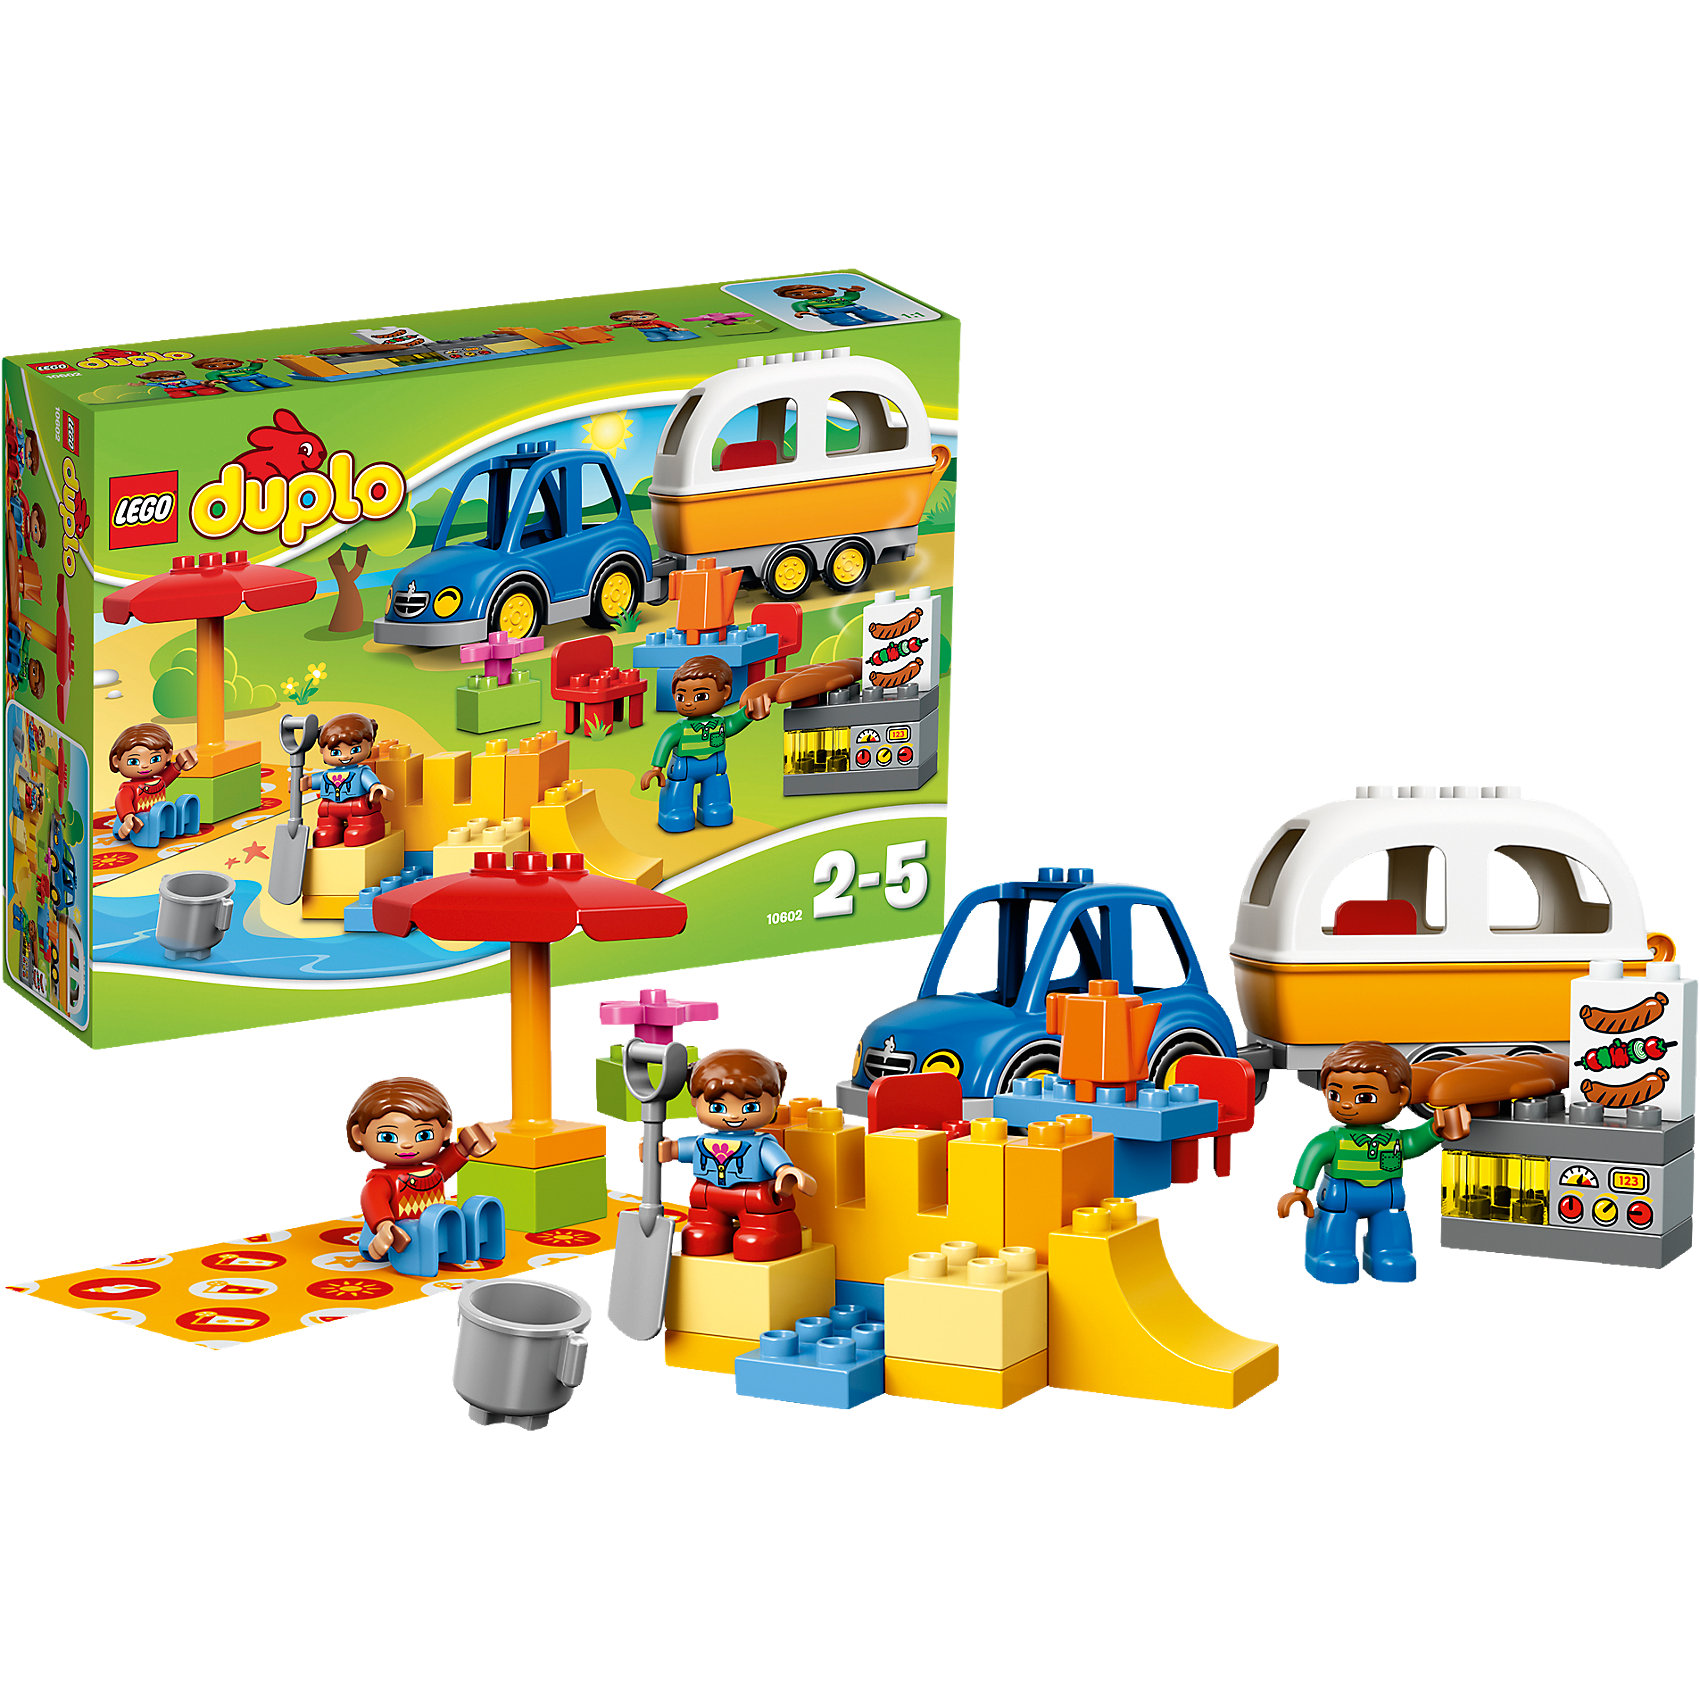 LEGO DUPLO 10602: Отдых на природе